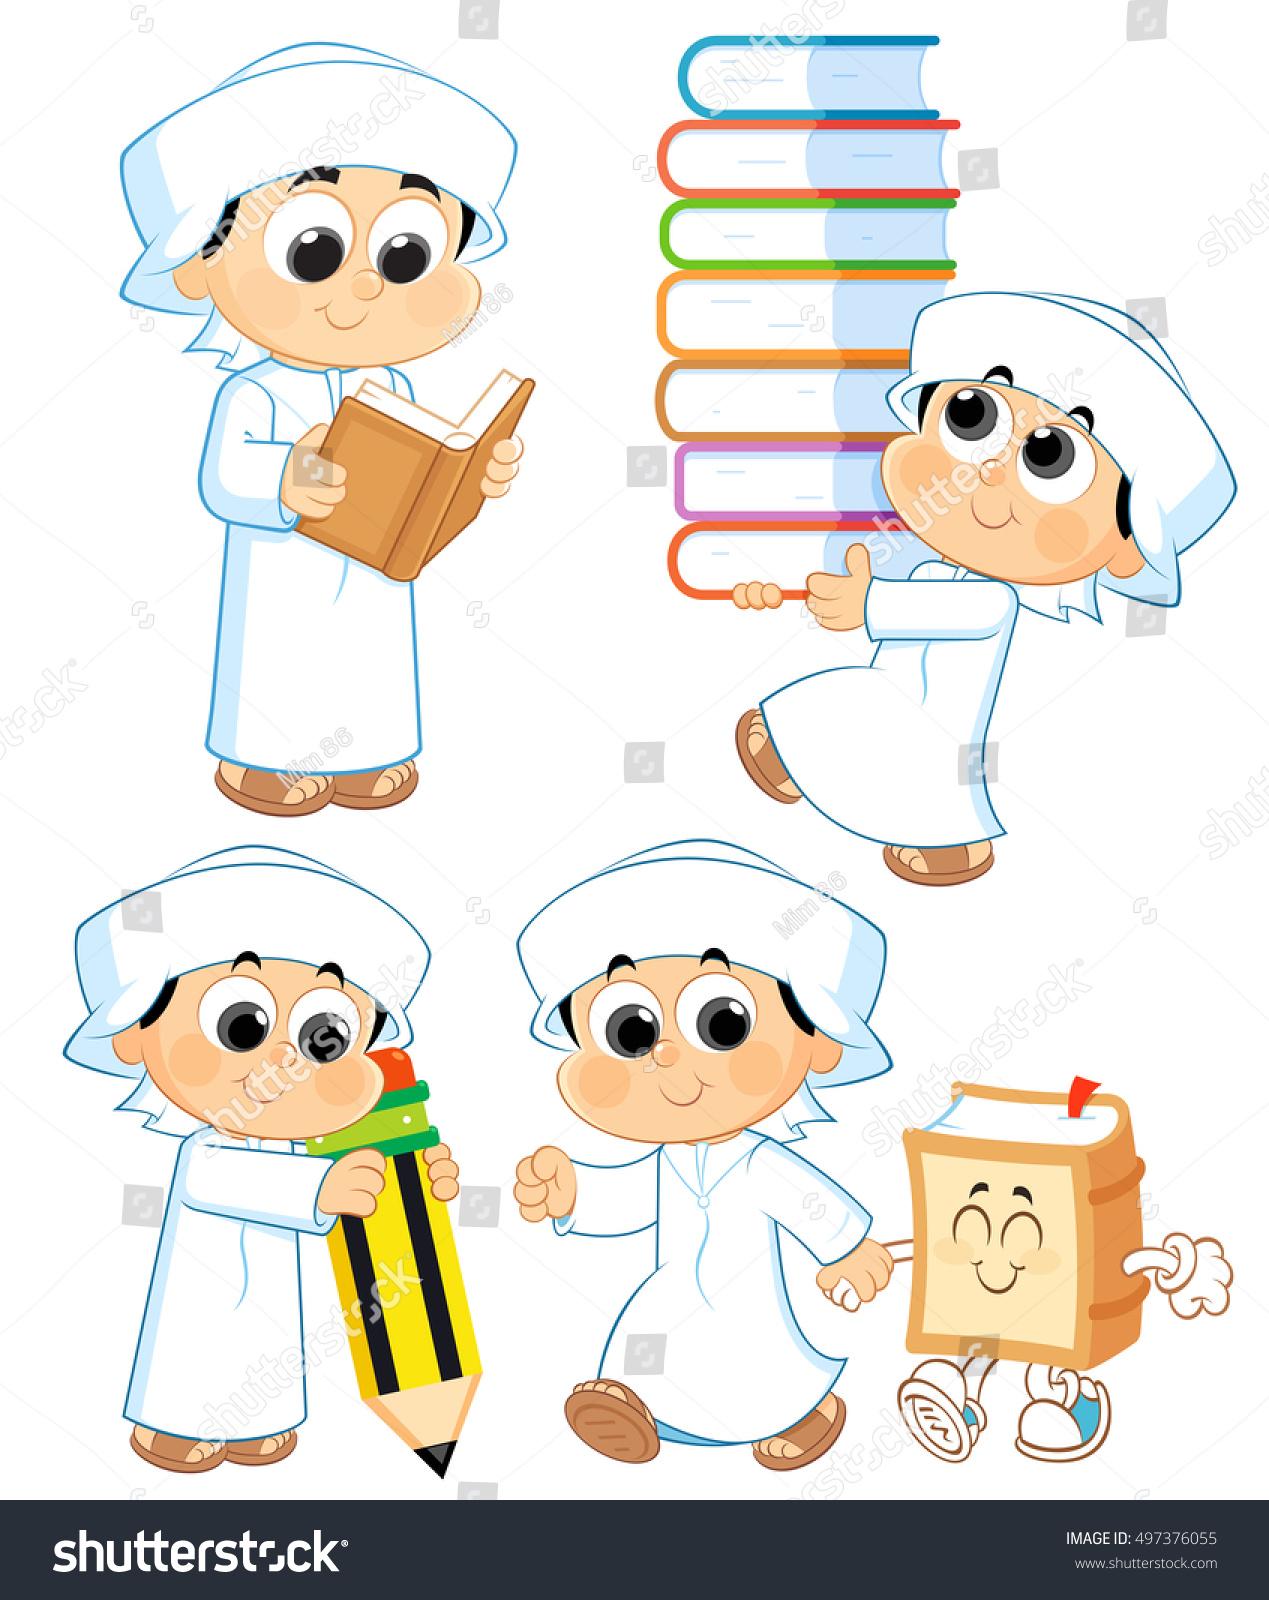 Learn gulf arabic book